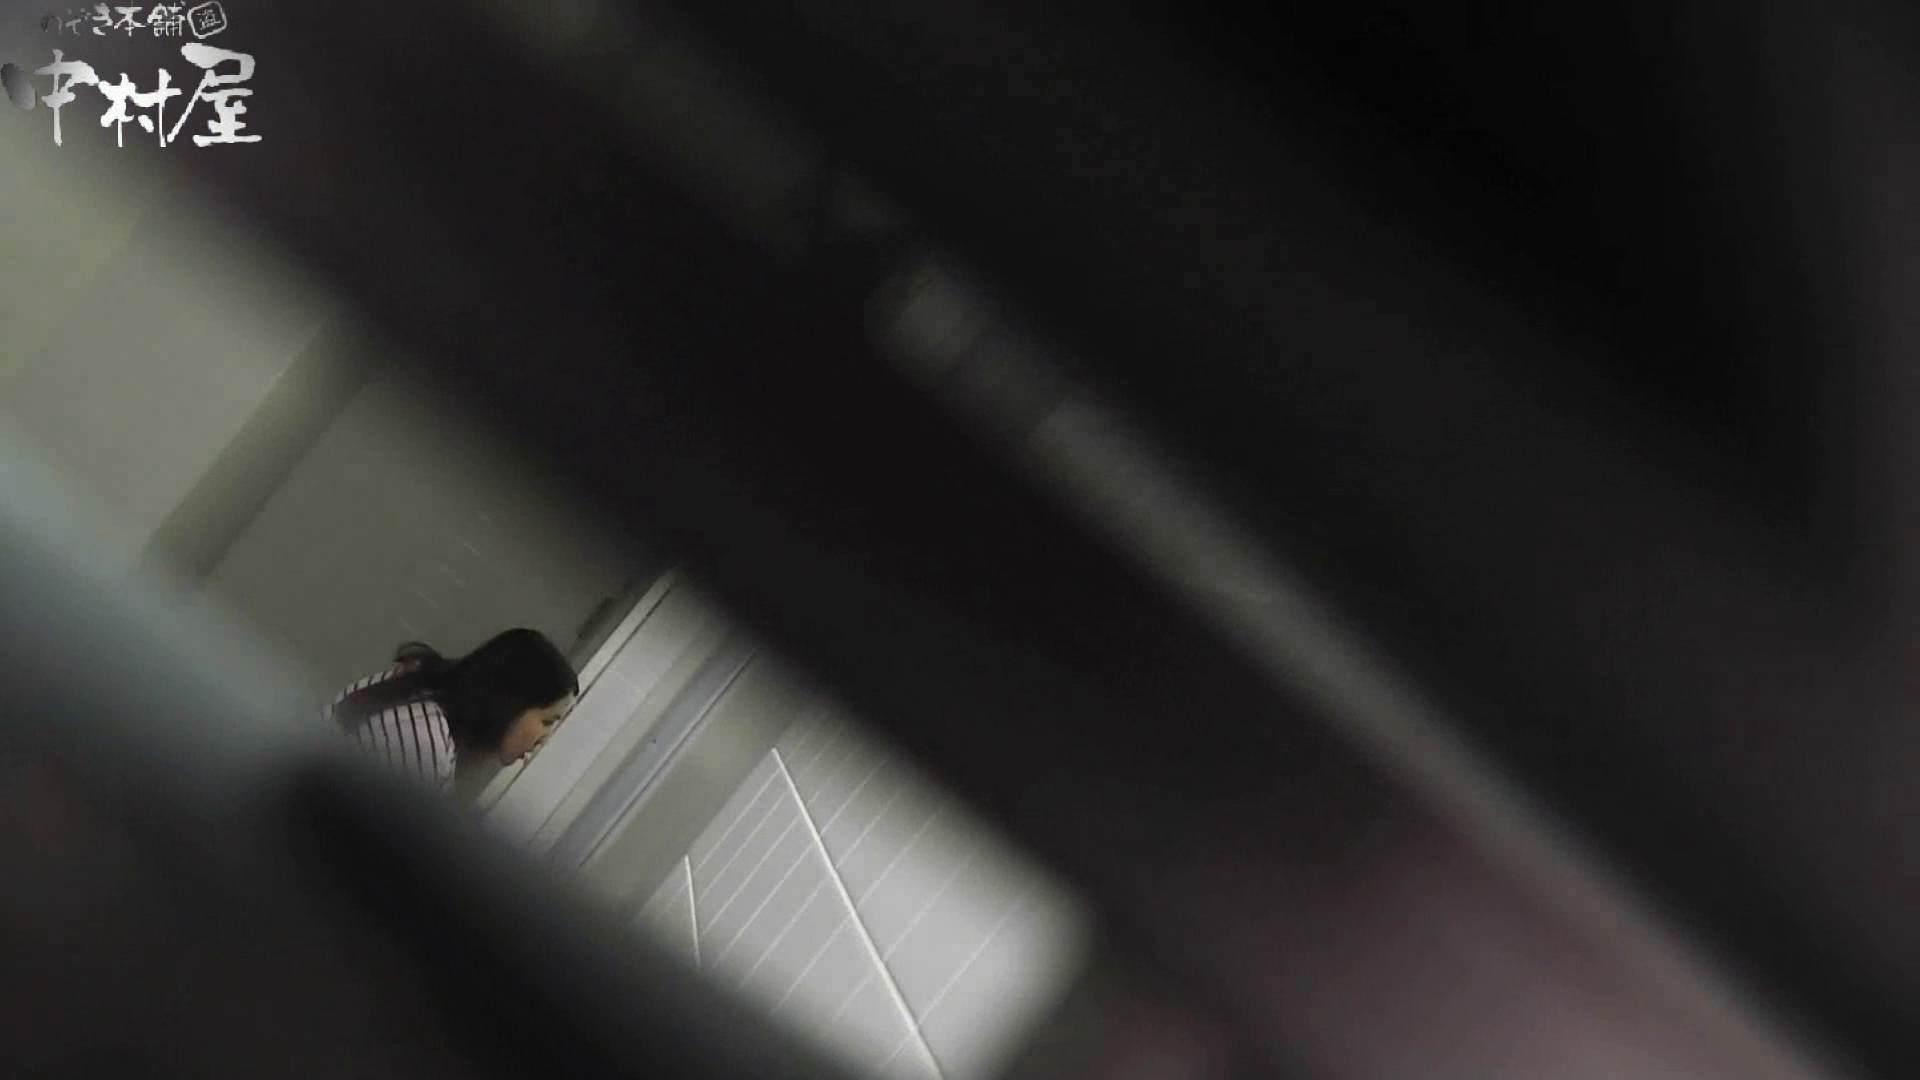 【お銀さんの「洗面所突入レポート!!」】お銀さんの「洗面所突入レポート!!」 vol.28小島陽菜似のピンクオシャレさん 美しいOLの裸体   洗面所突入  102pic 85